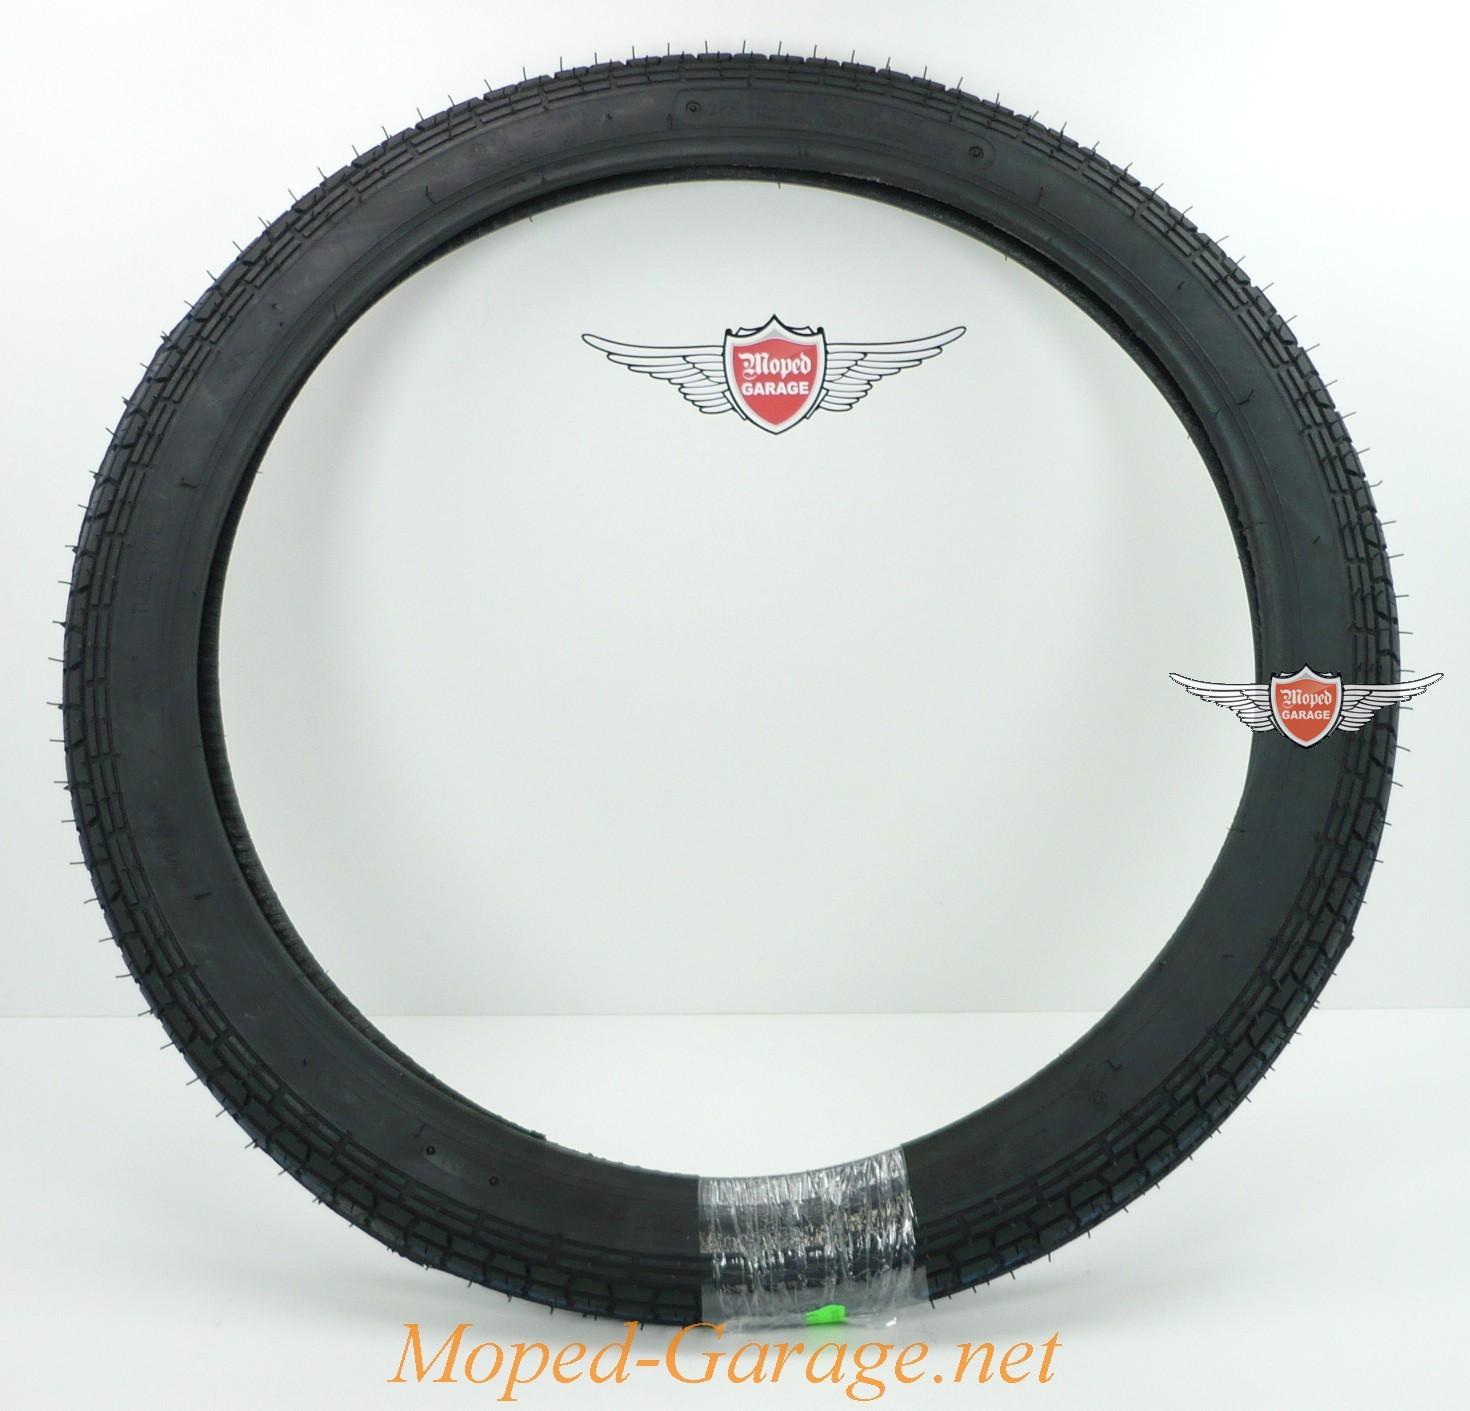 KTM DKW Enduro  Mofa Moped Mokick KKR 3,00-3,25 x 17 Zoll Schlauch Neu*